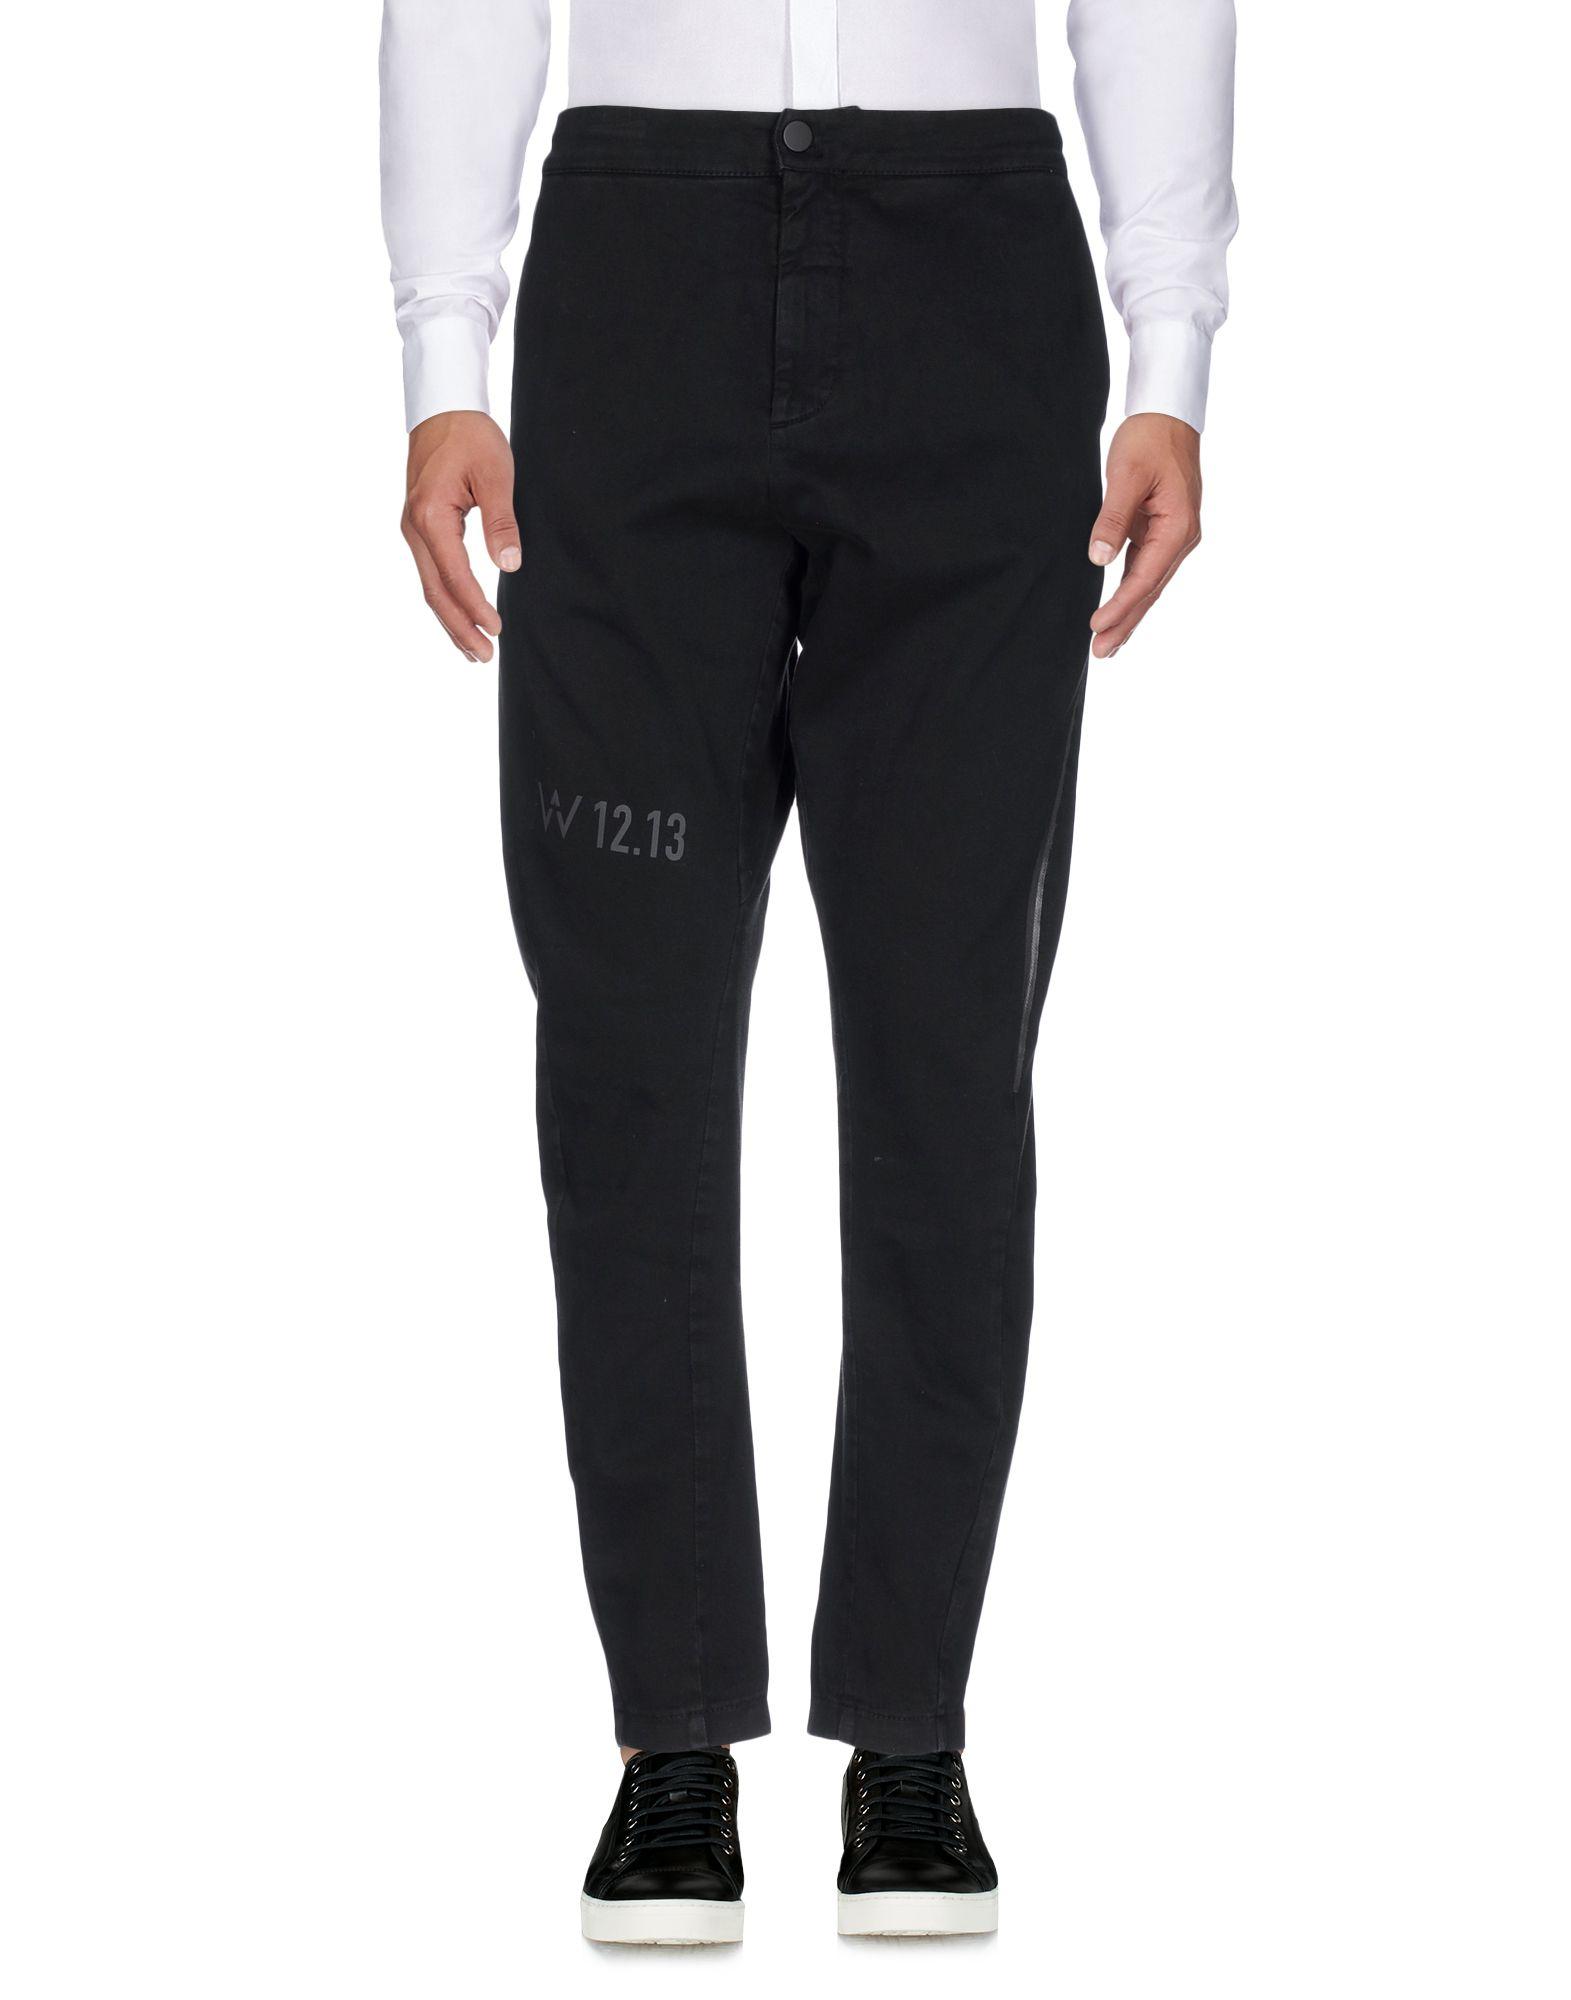 DE WALLEN Casual Pants in Black